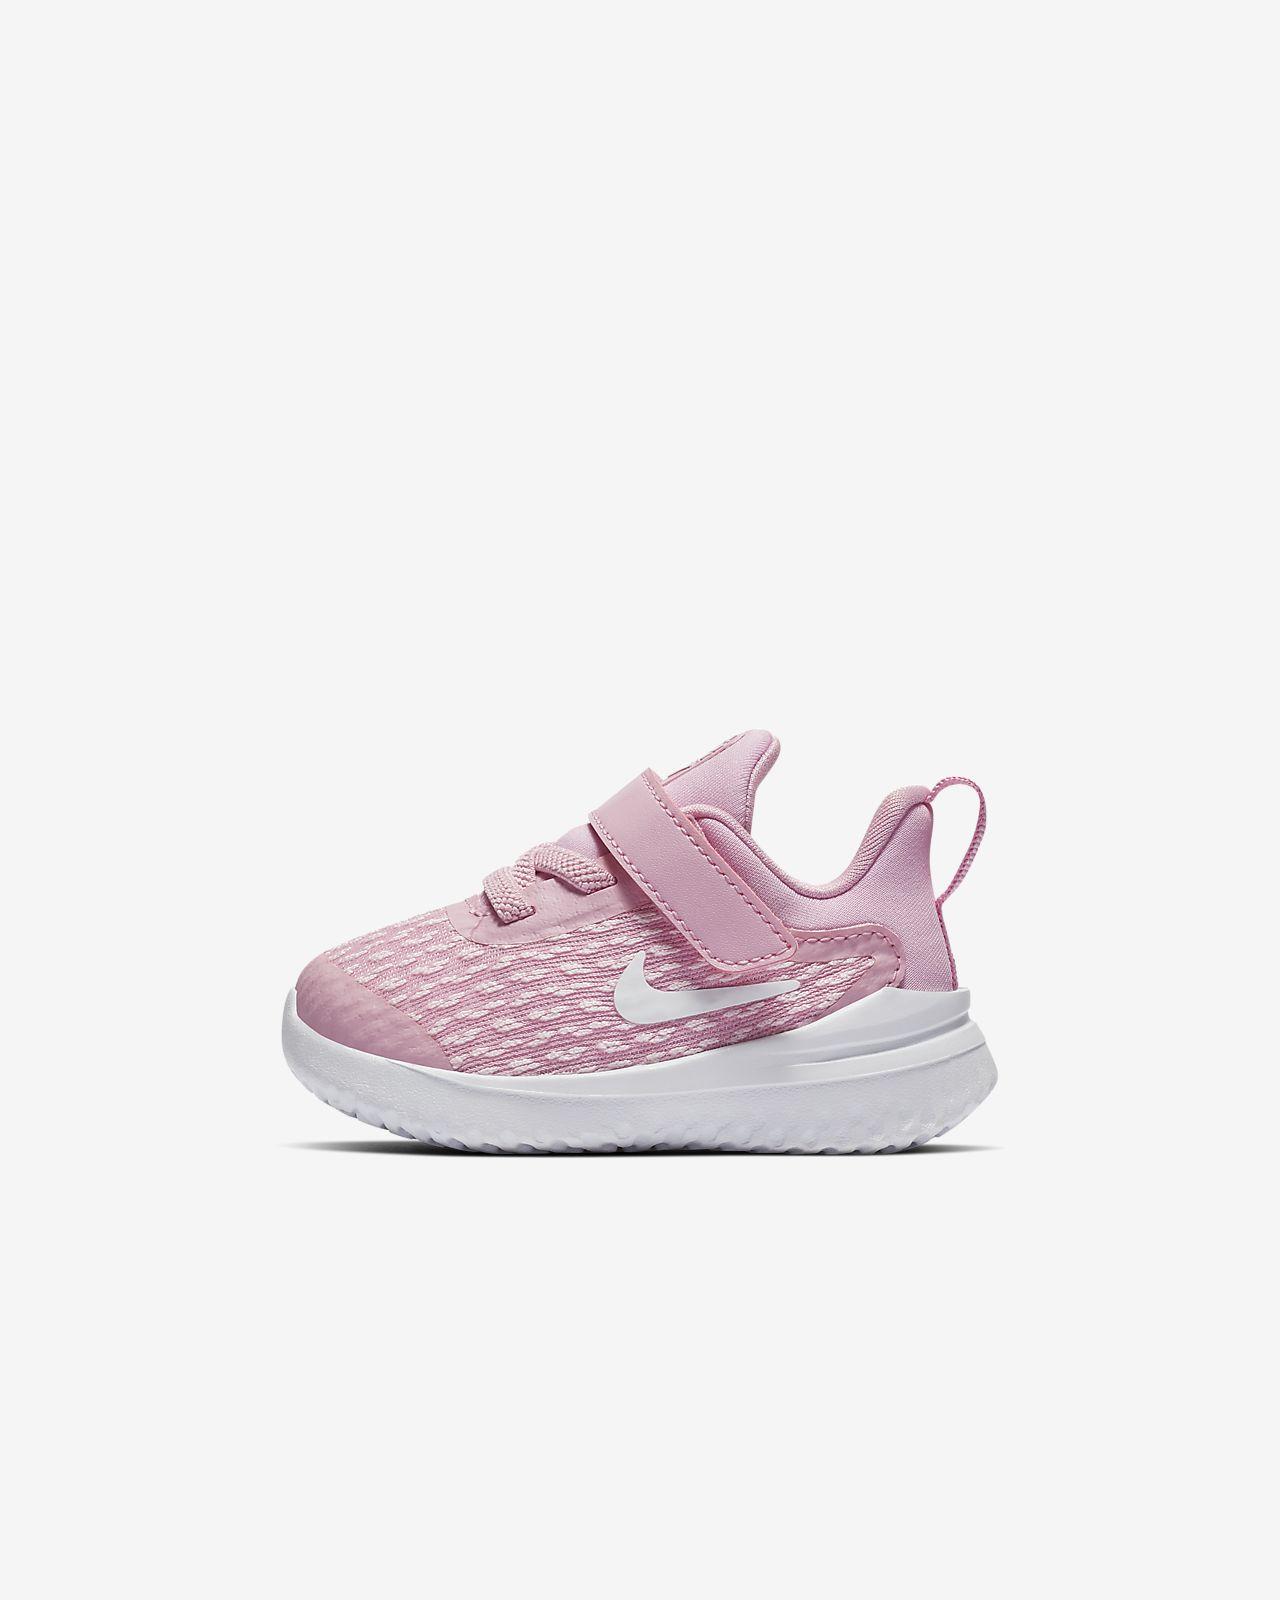 Sko Nike Rival för baby/små barn